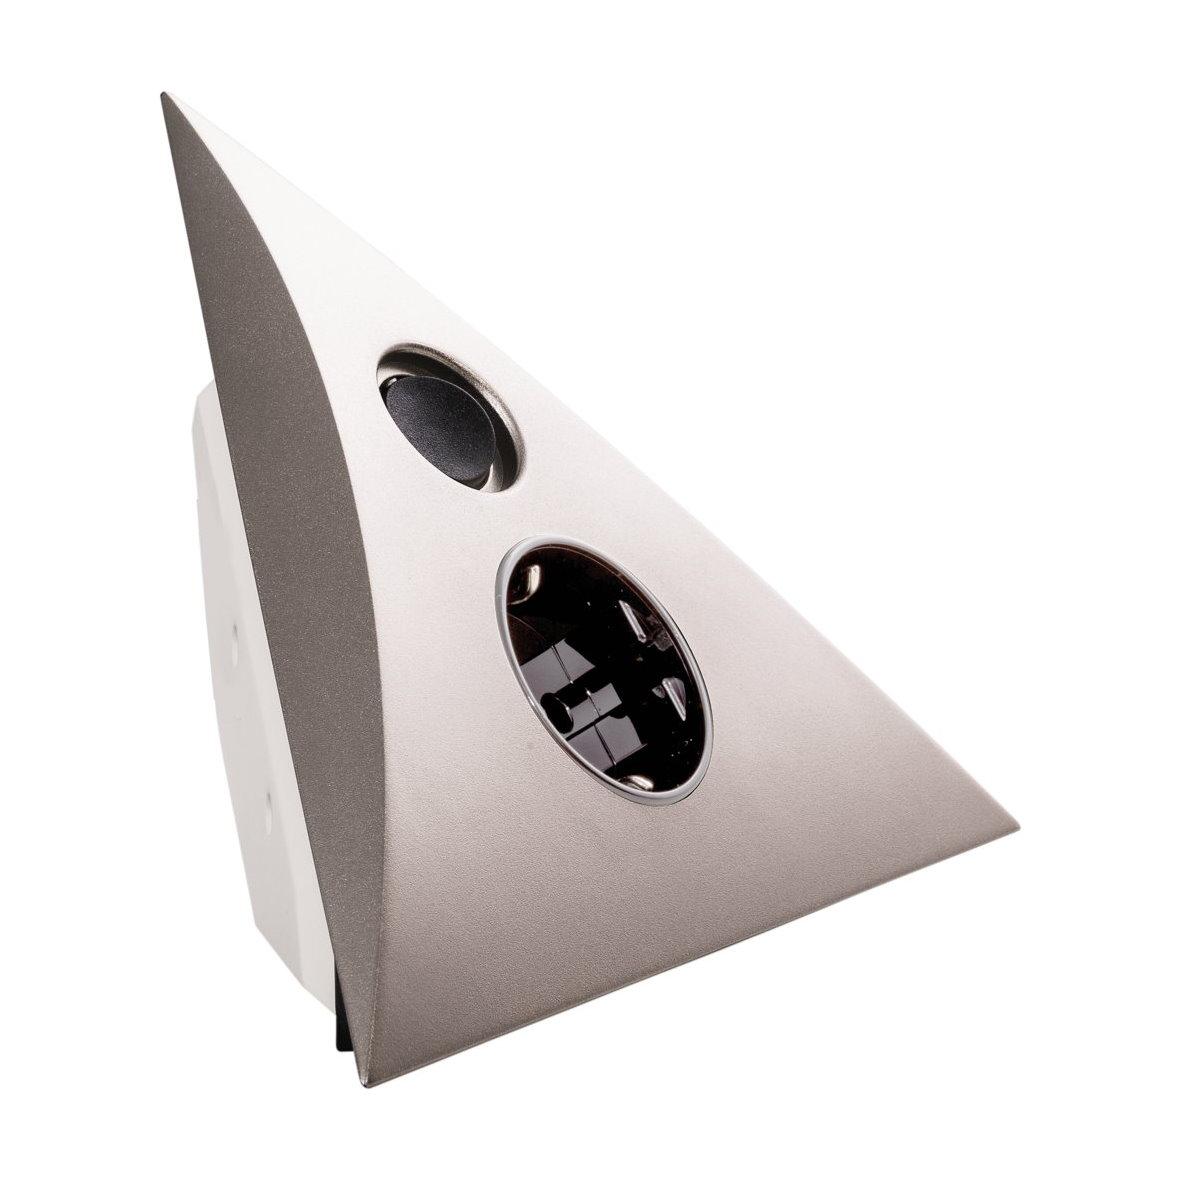 hera aufputz eck steckdose 230v aufbau ecksteckdose k che tisch wand schalter. Black Bedroom Furniture Sets. Home Design Ideas